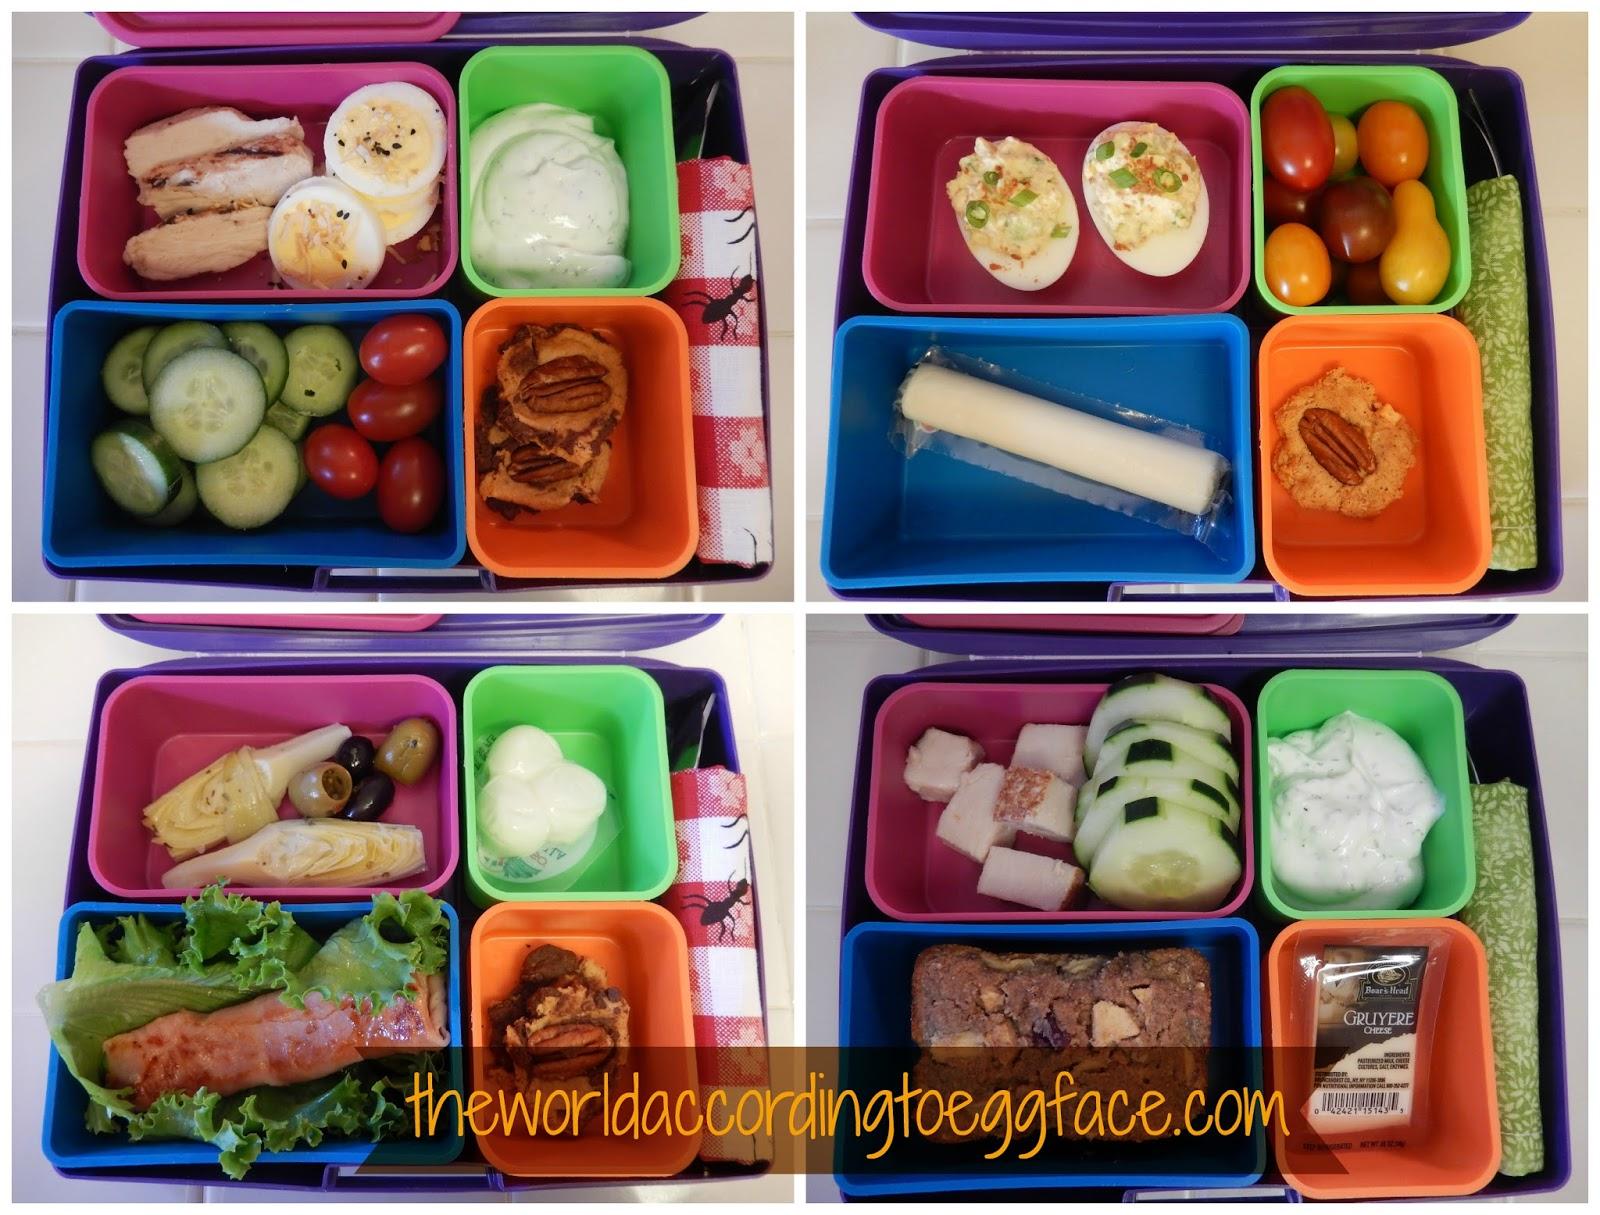 Theworldaccordingtoeggface Bento Box Lunches